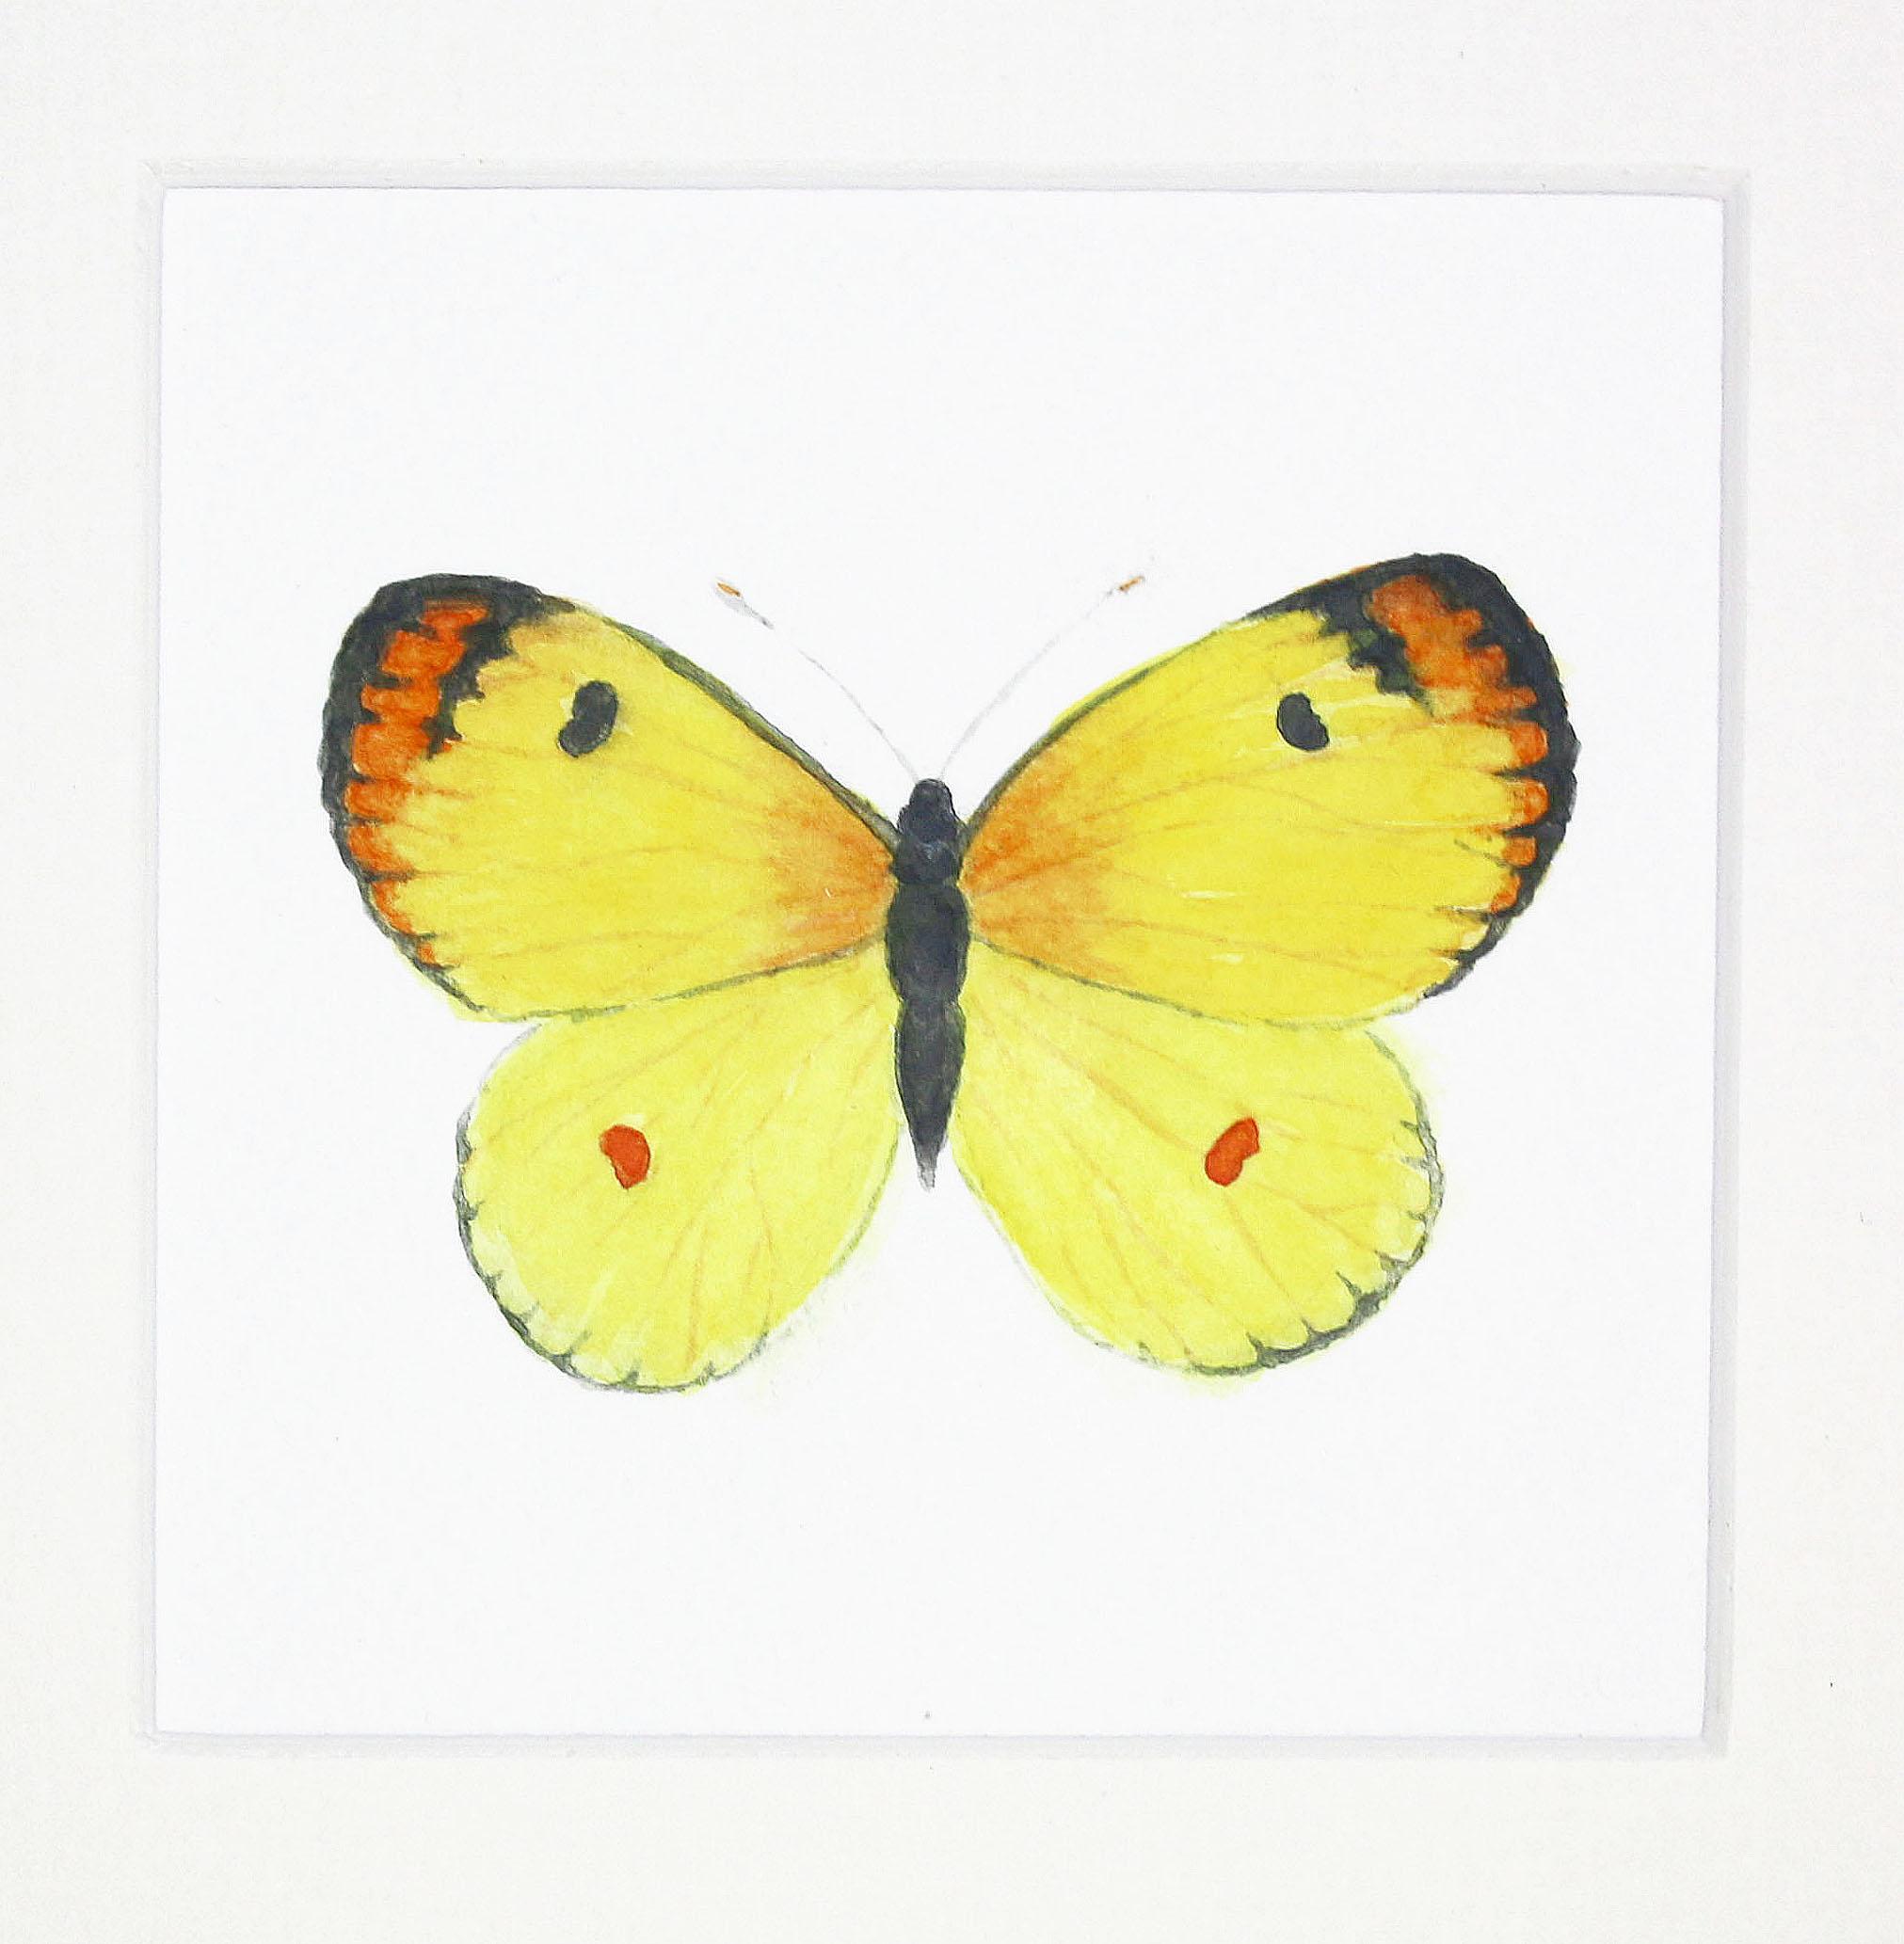 butterfly yellow 1 copy.jpg